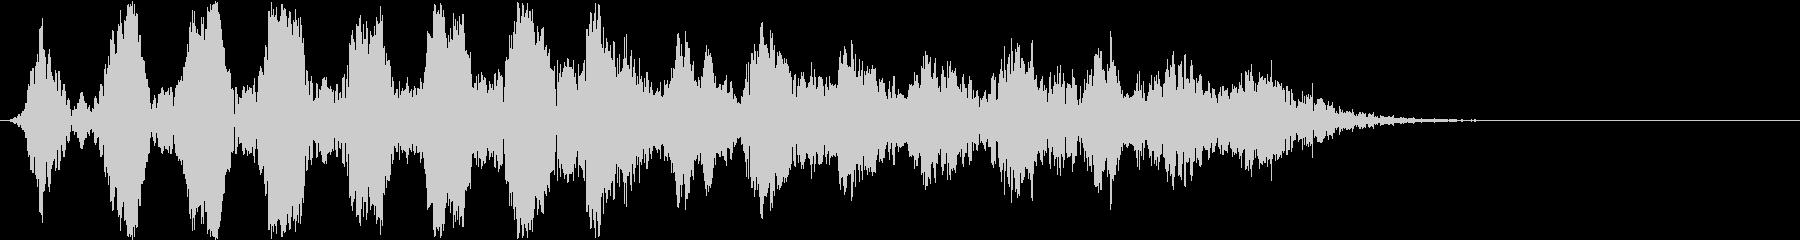 徐々にムクムク大きくなるイメージの効果音の未再生の波形